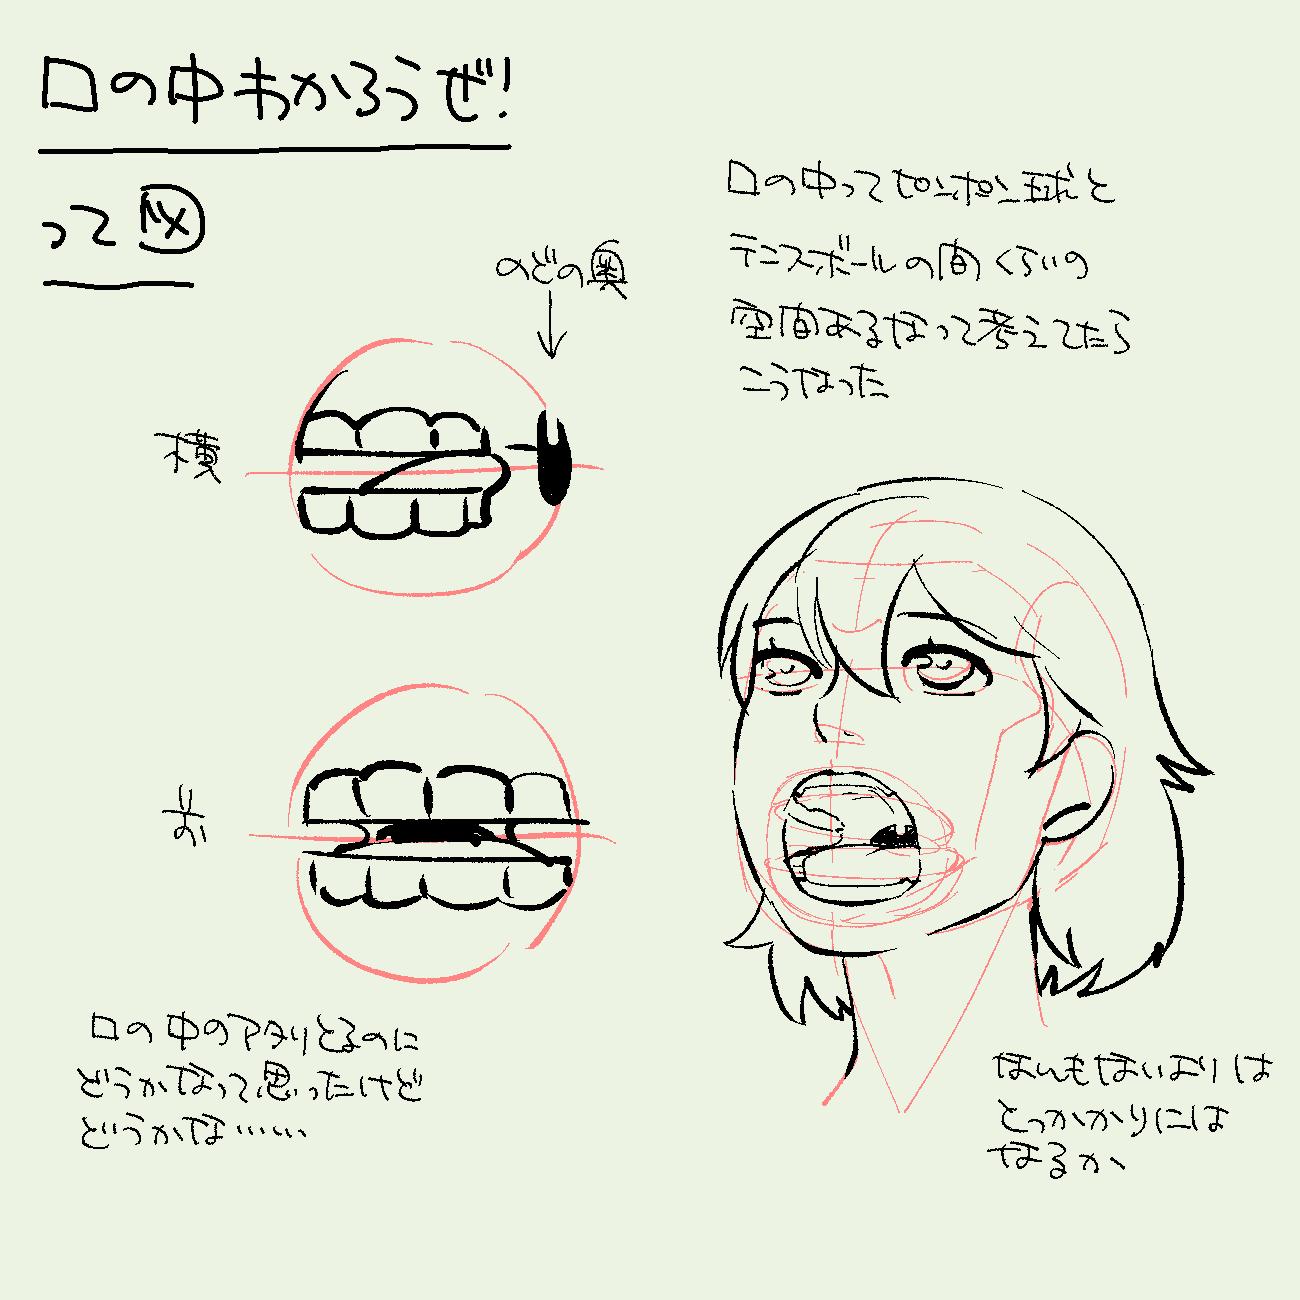 口の中に球が入ってて、パックマンみたいに上顎と下顎で分けたら描きやすくならんか?って思いつきです